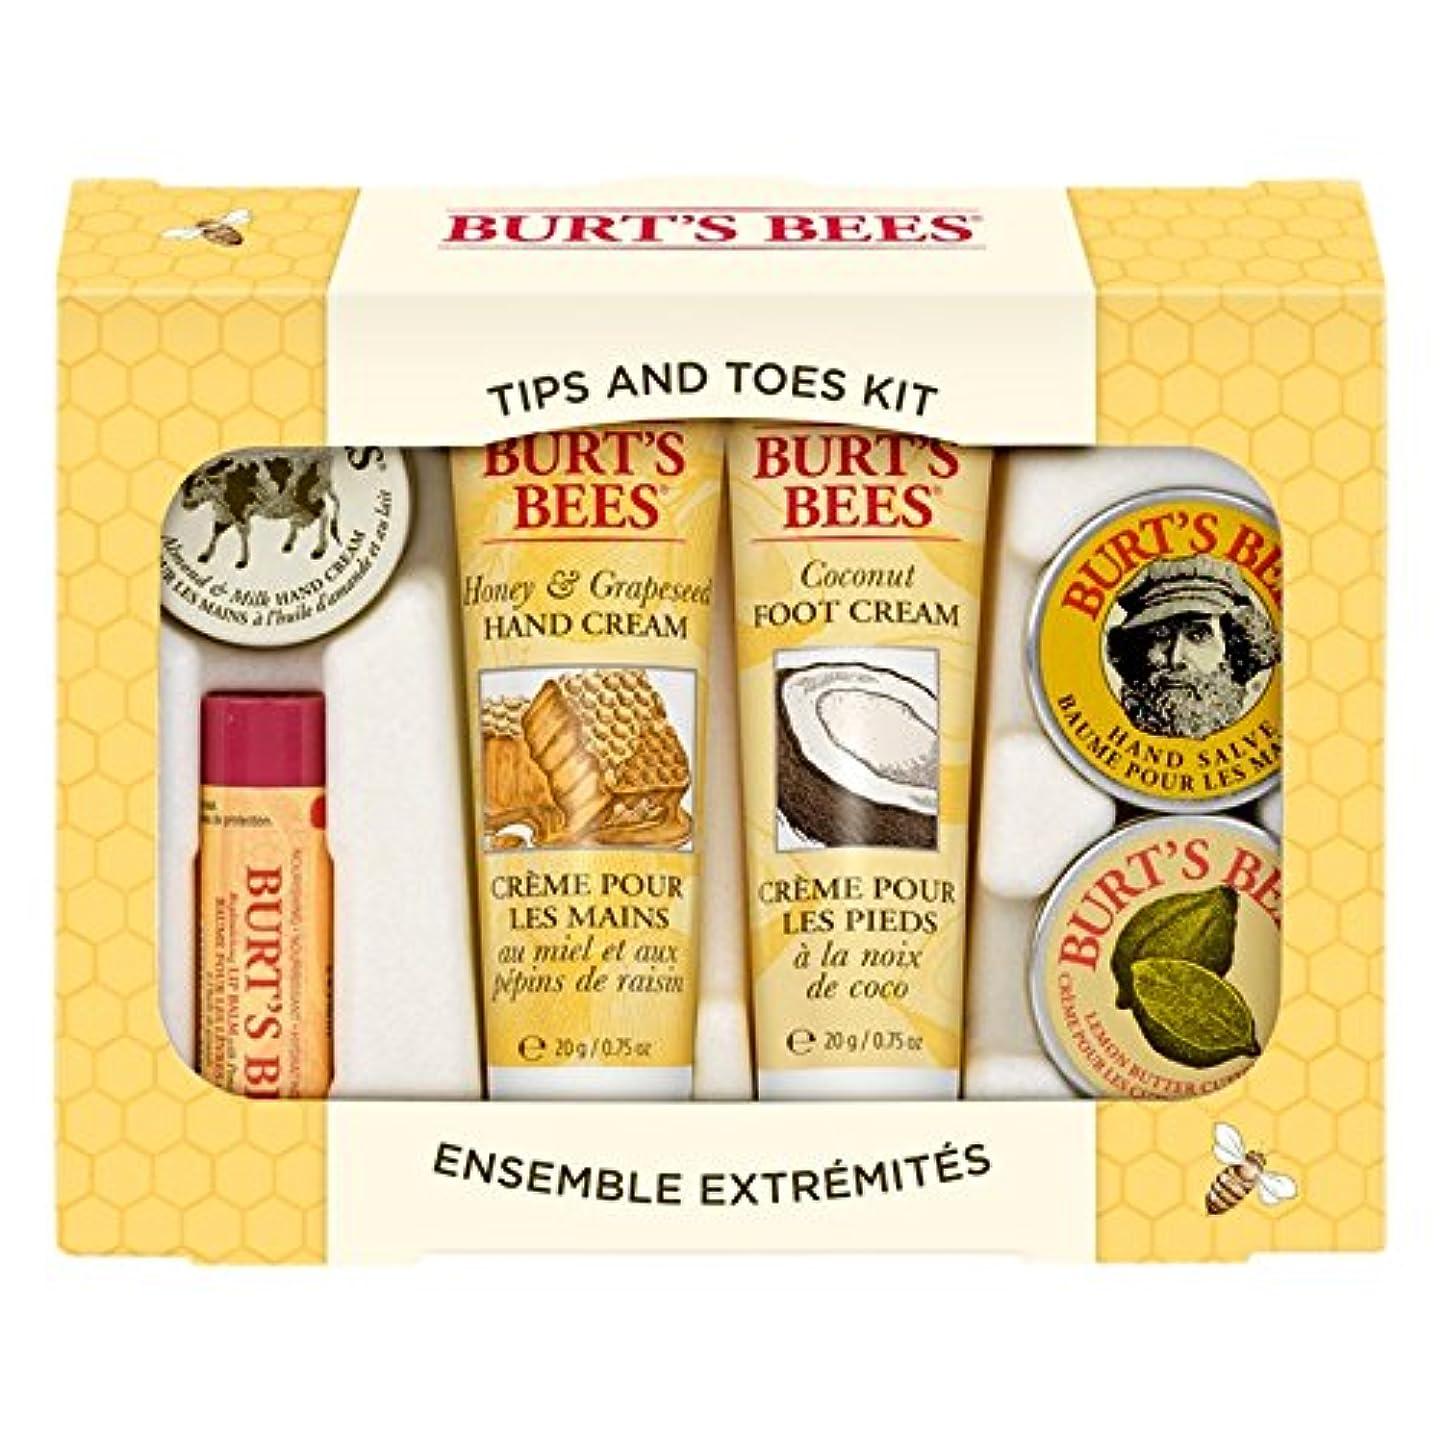 プランター廊下吹雪バーツビーのヒントとつま先はスターターキットをスキンケア (Burt's Bees) (x6) - Burt's Bees Tips And Toes Skincare Starter Kit (Pack of 6) [...